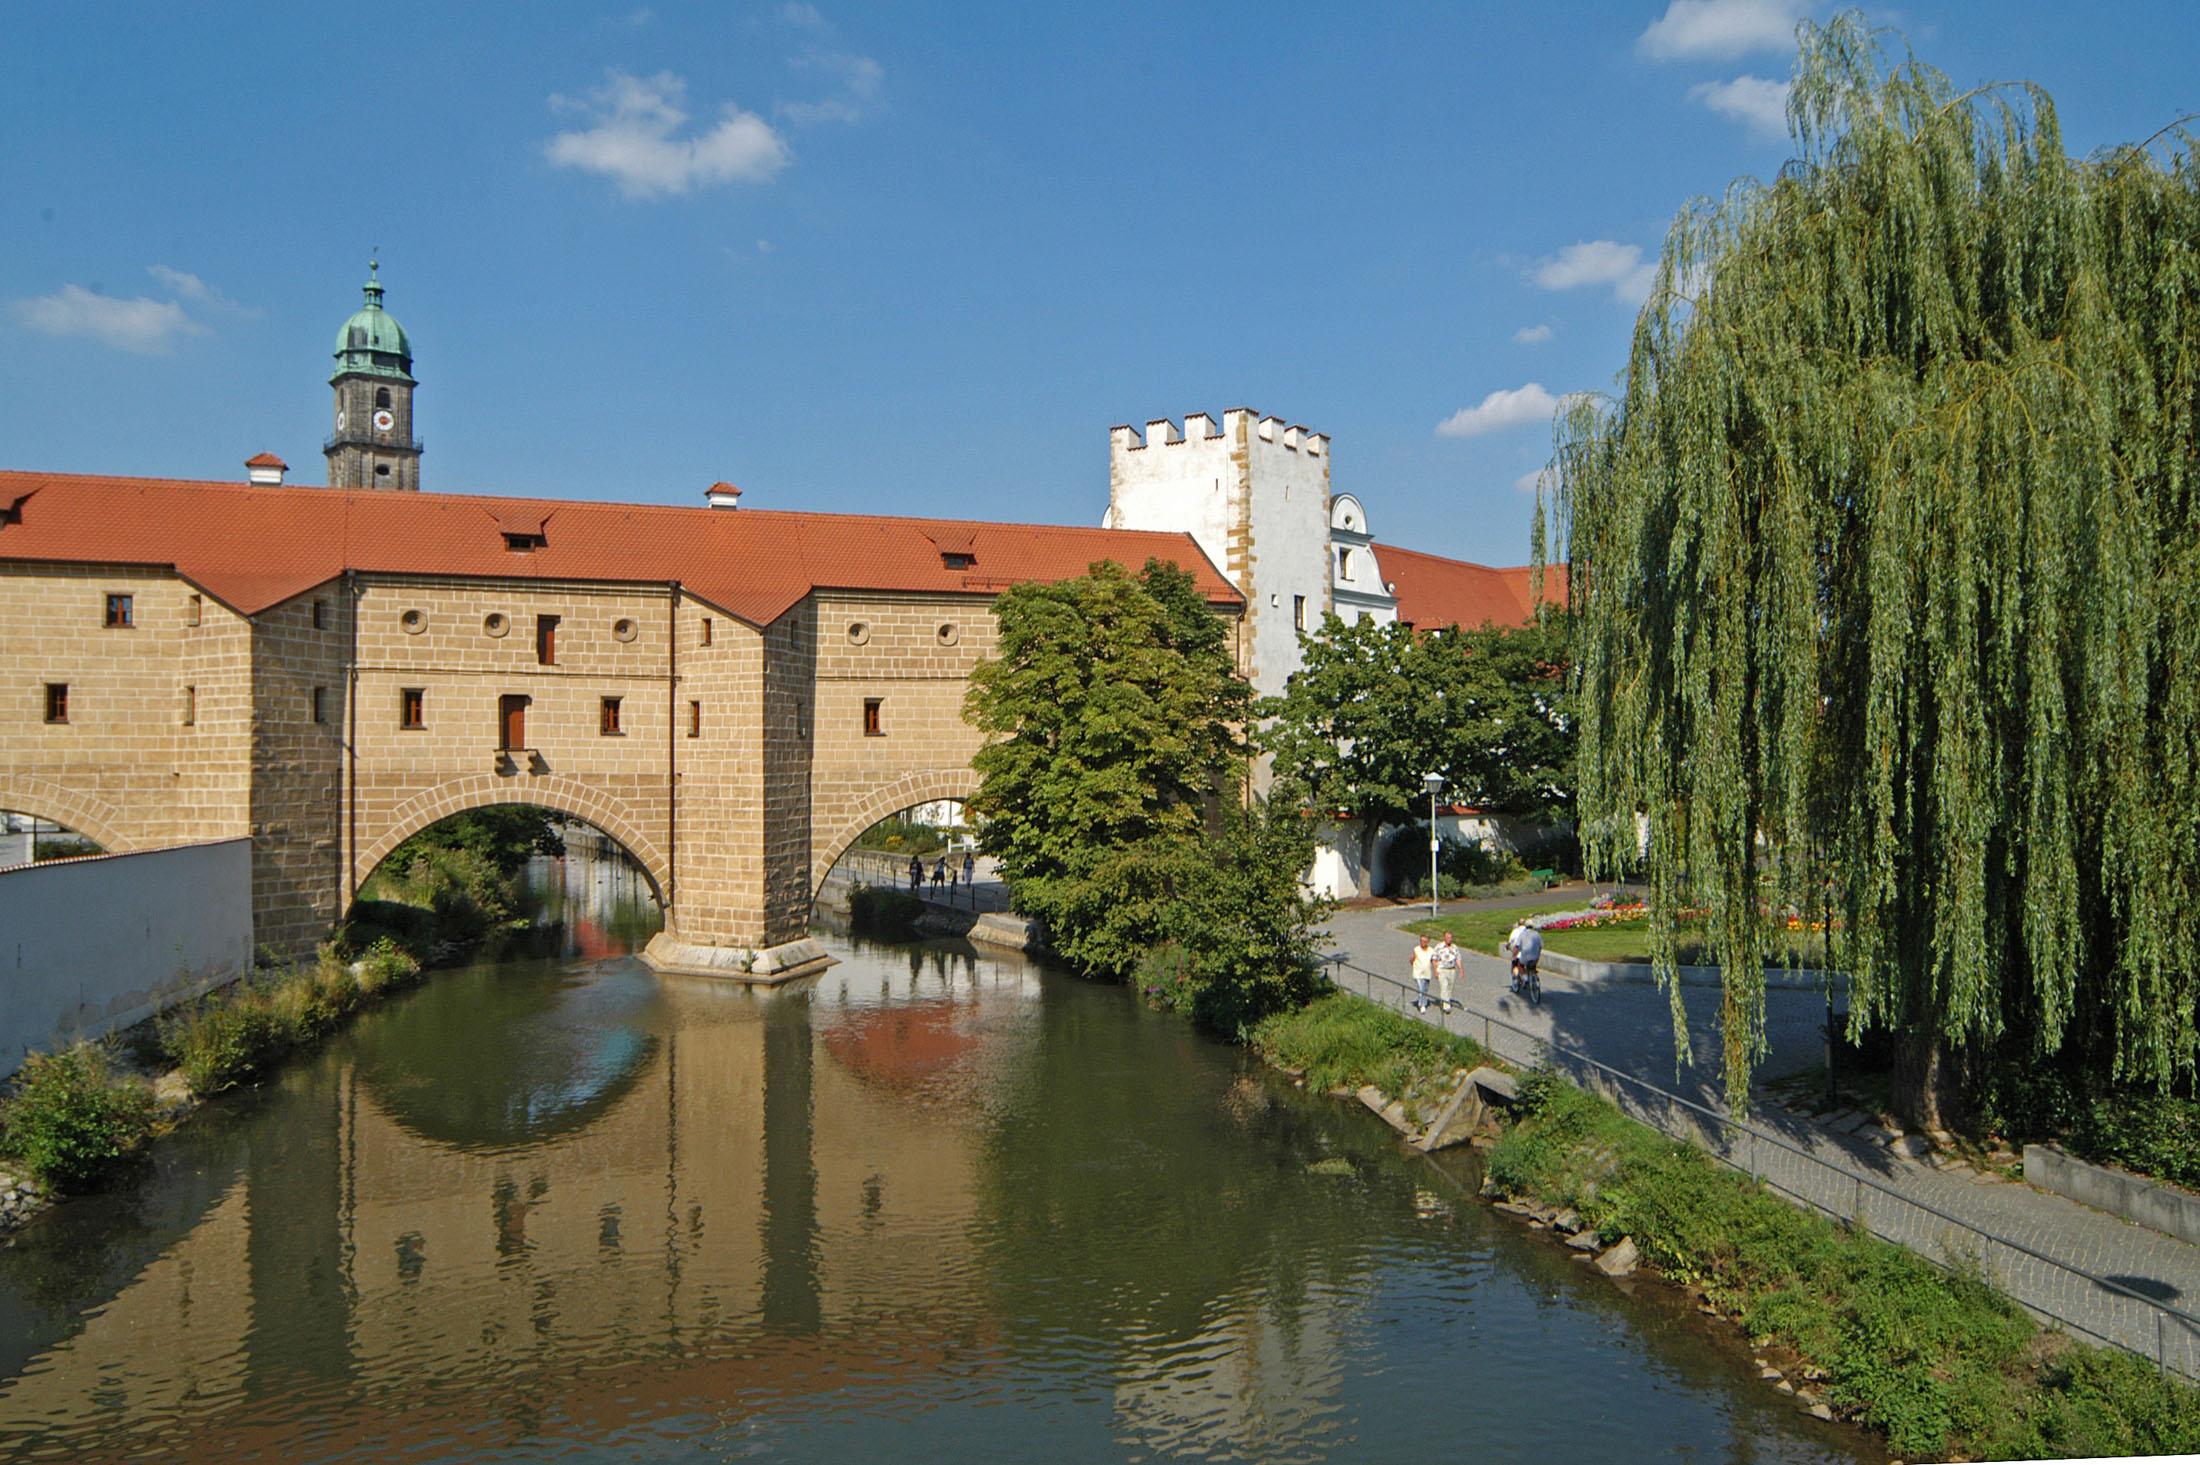 Medieval wall and bridge in Amberg - Die Amberger Stadtbrille: Mittelalterliche Stadtmauer und Brücke